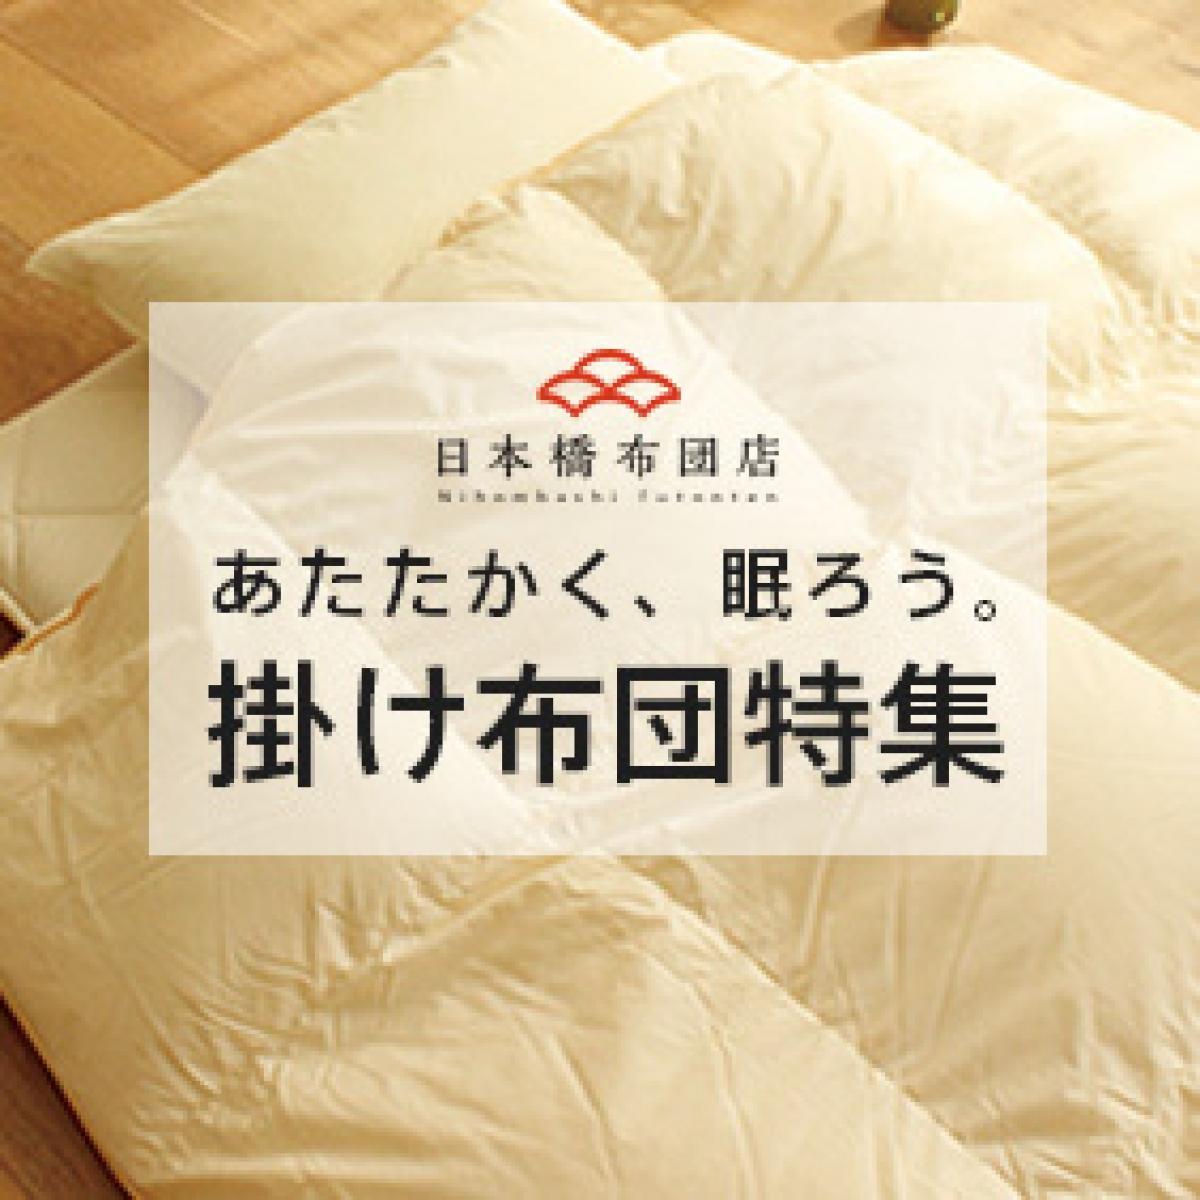 日本橋布団店